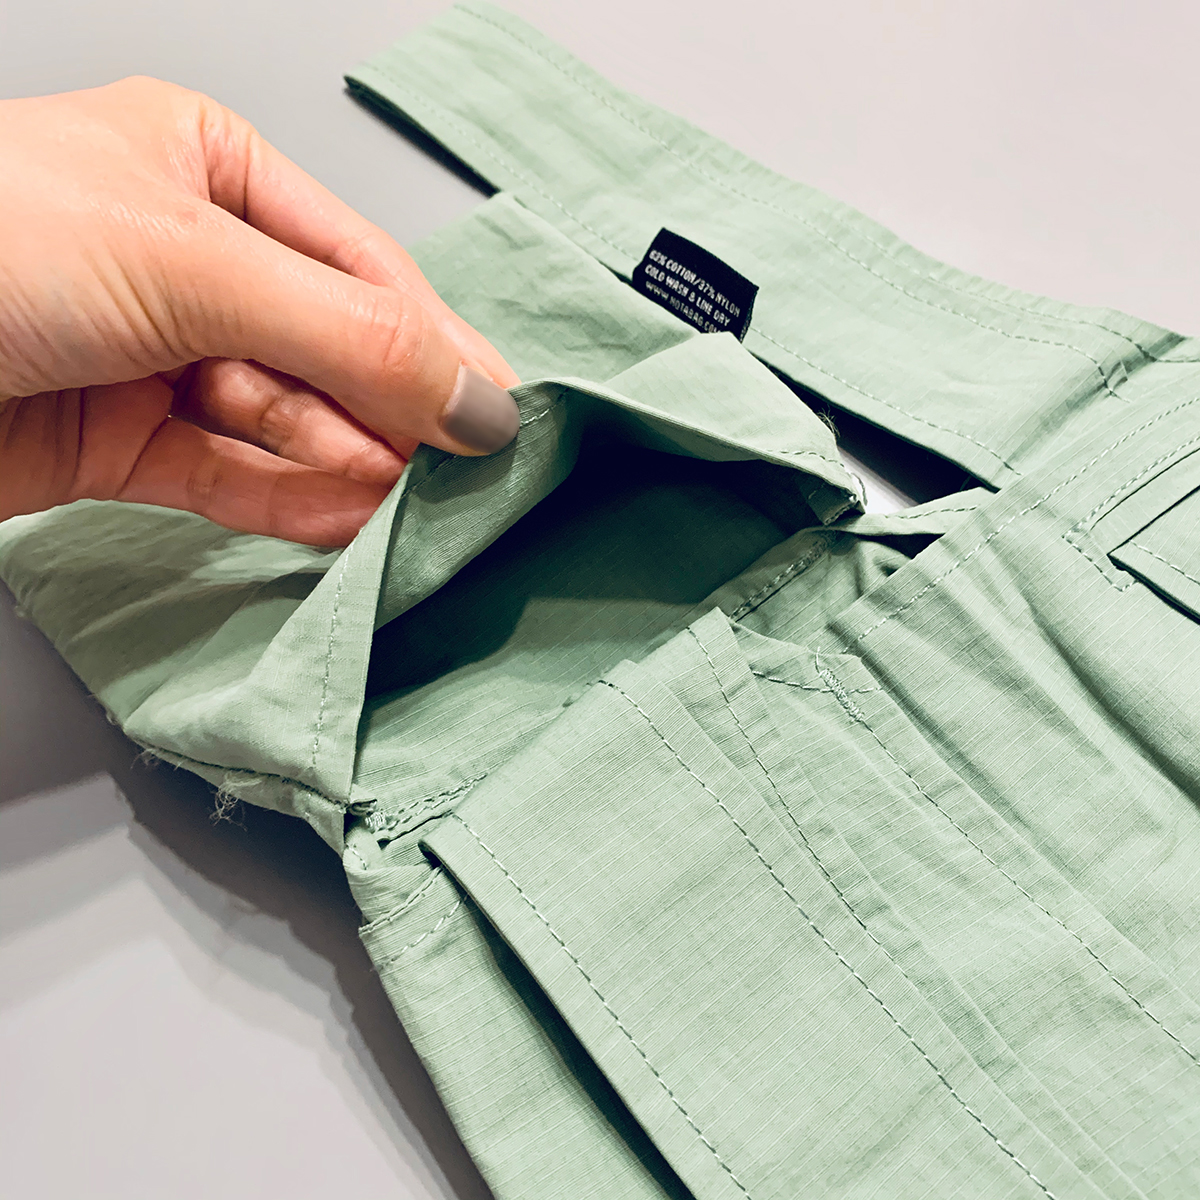 収納袋一体型なのでなくす心配がない。一瞬でリュックになる「変身エコバッグ」|notabag(ノット ア バッグ)